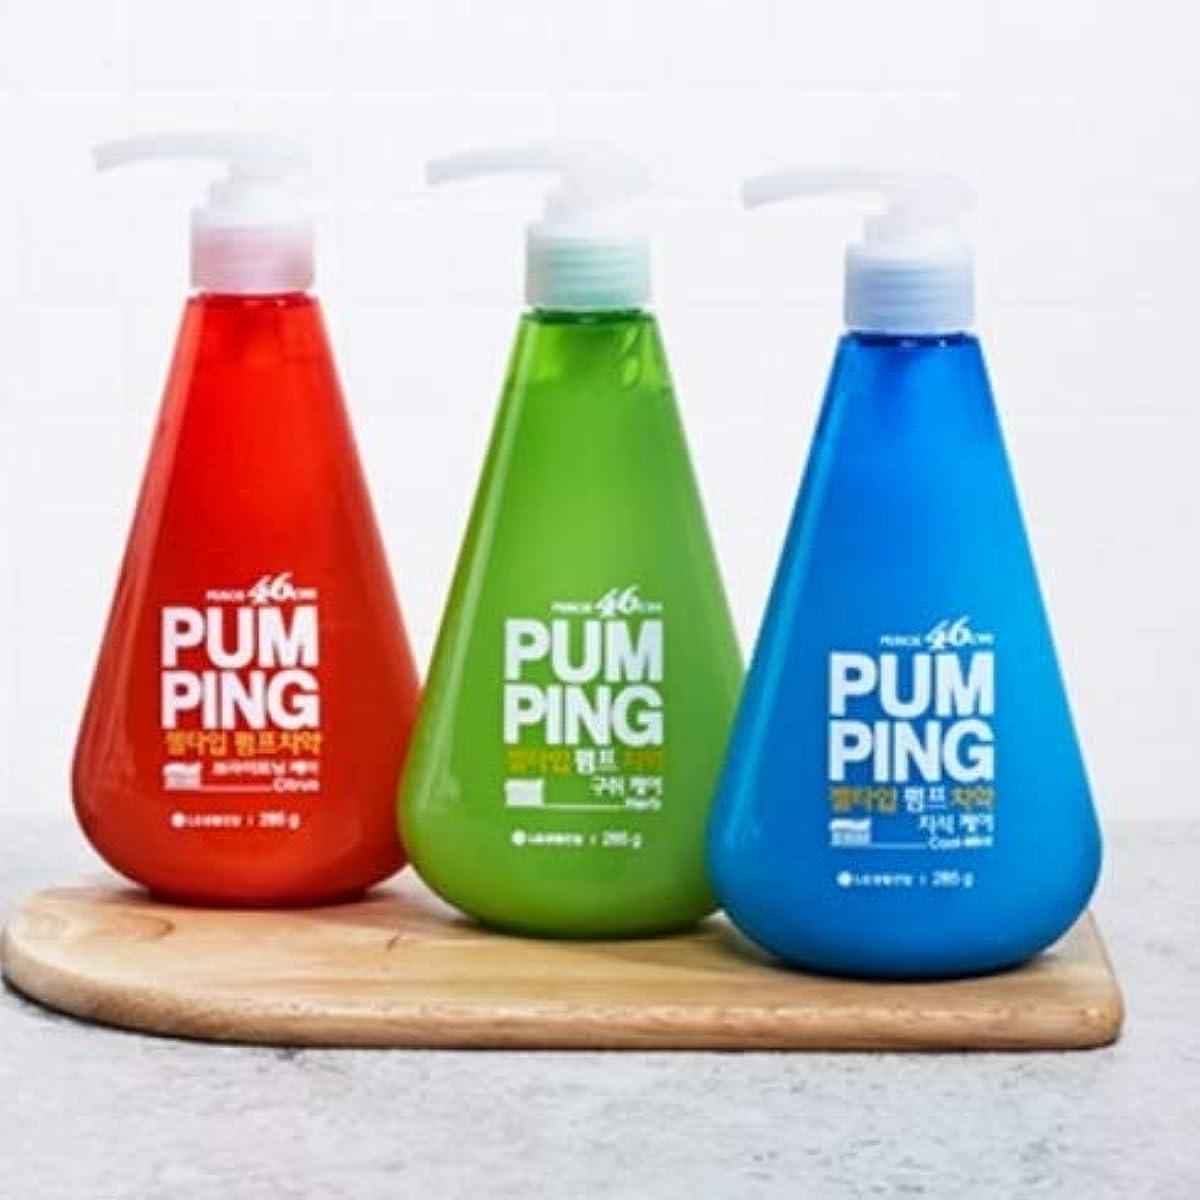 コピー頻繁にダウン[LG HnB] Perio 46cm pumped toothpaste /ペリオ46cmポンピング歯磨き粉 285gx3個(海外直送品)